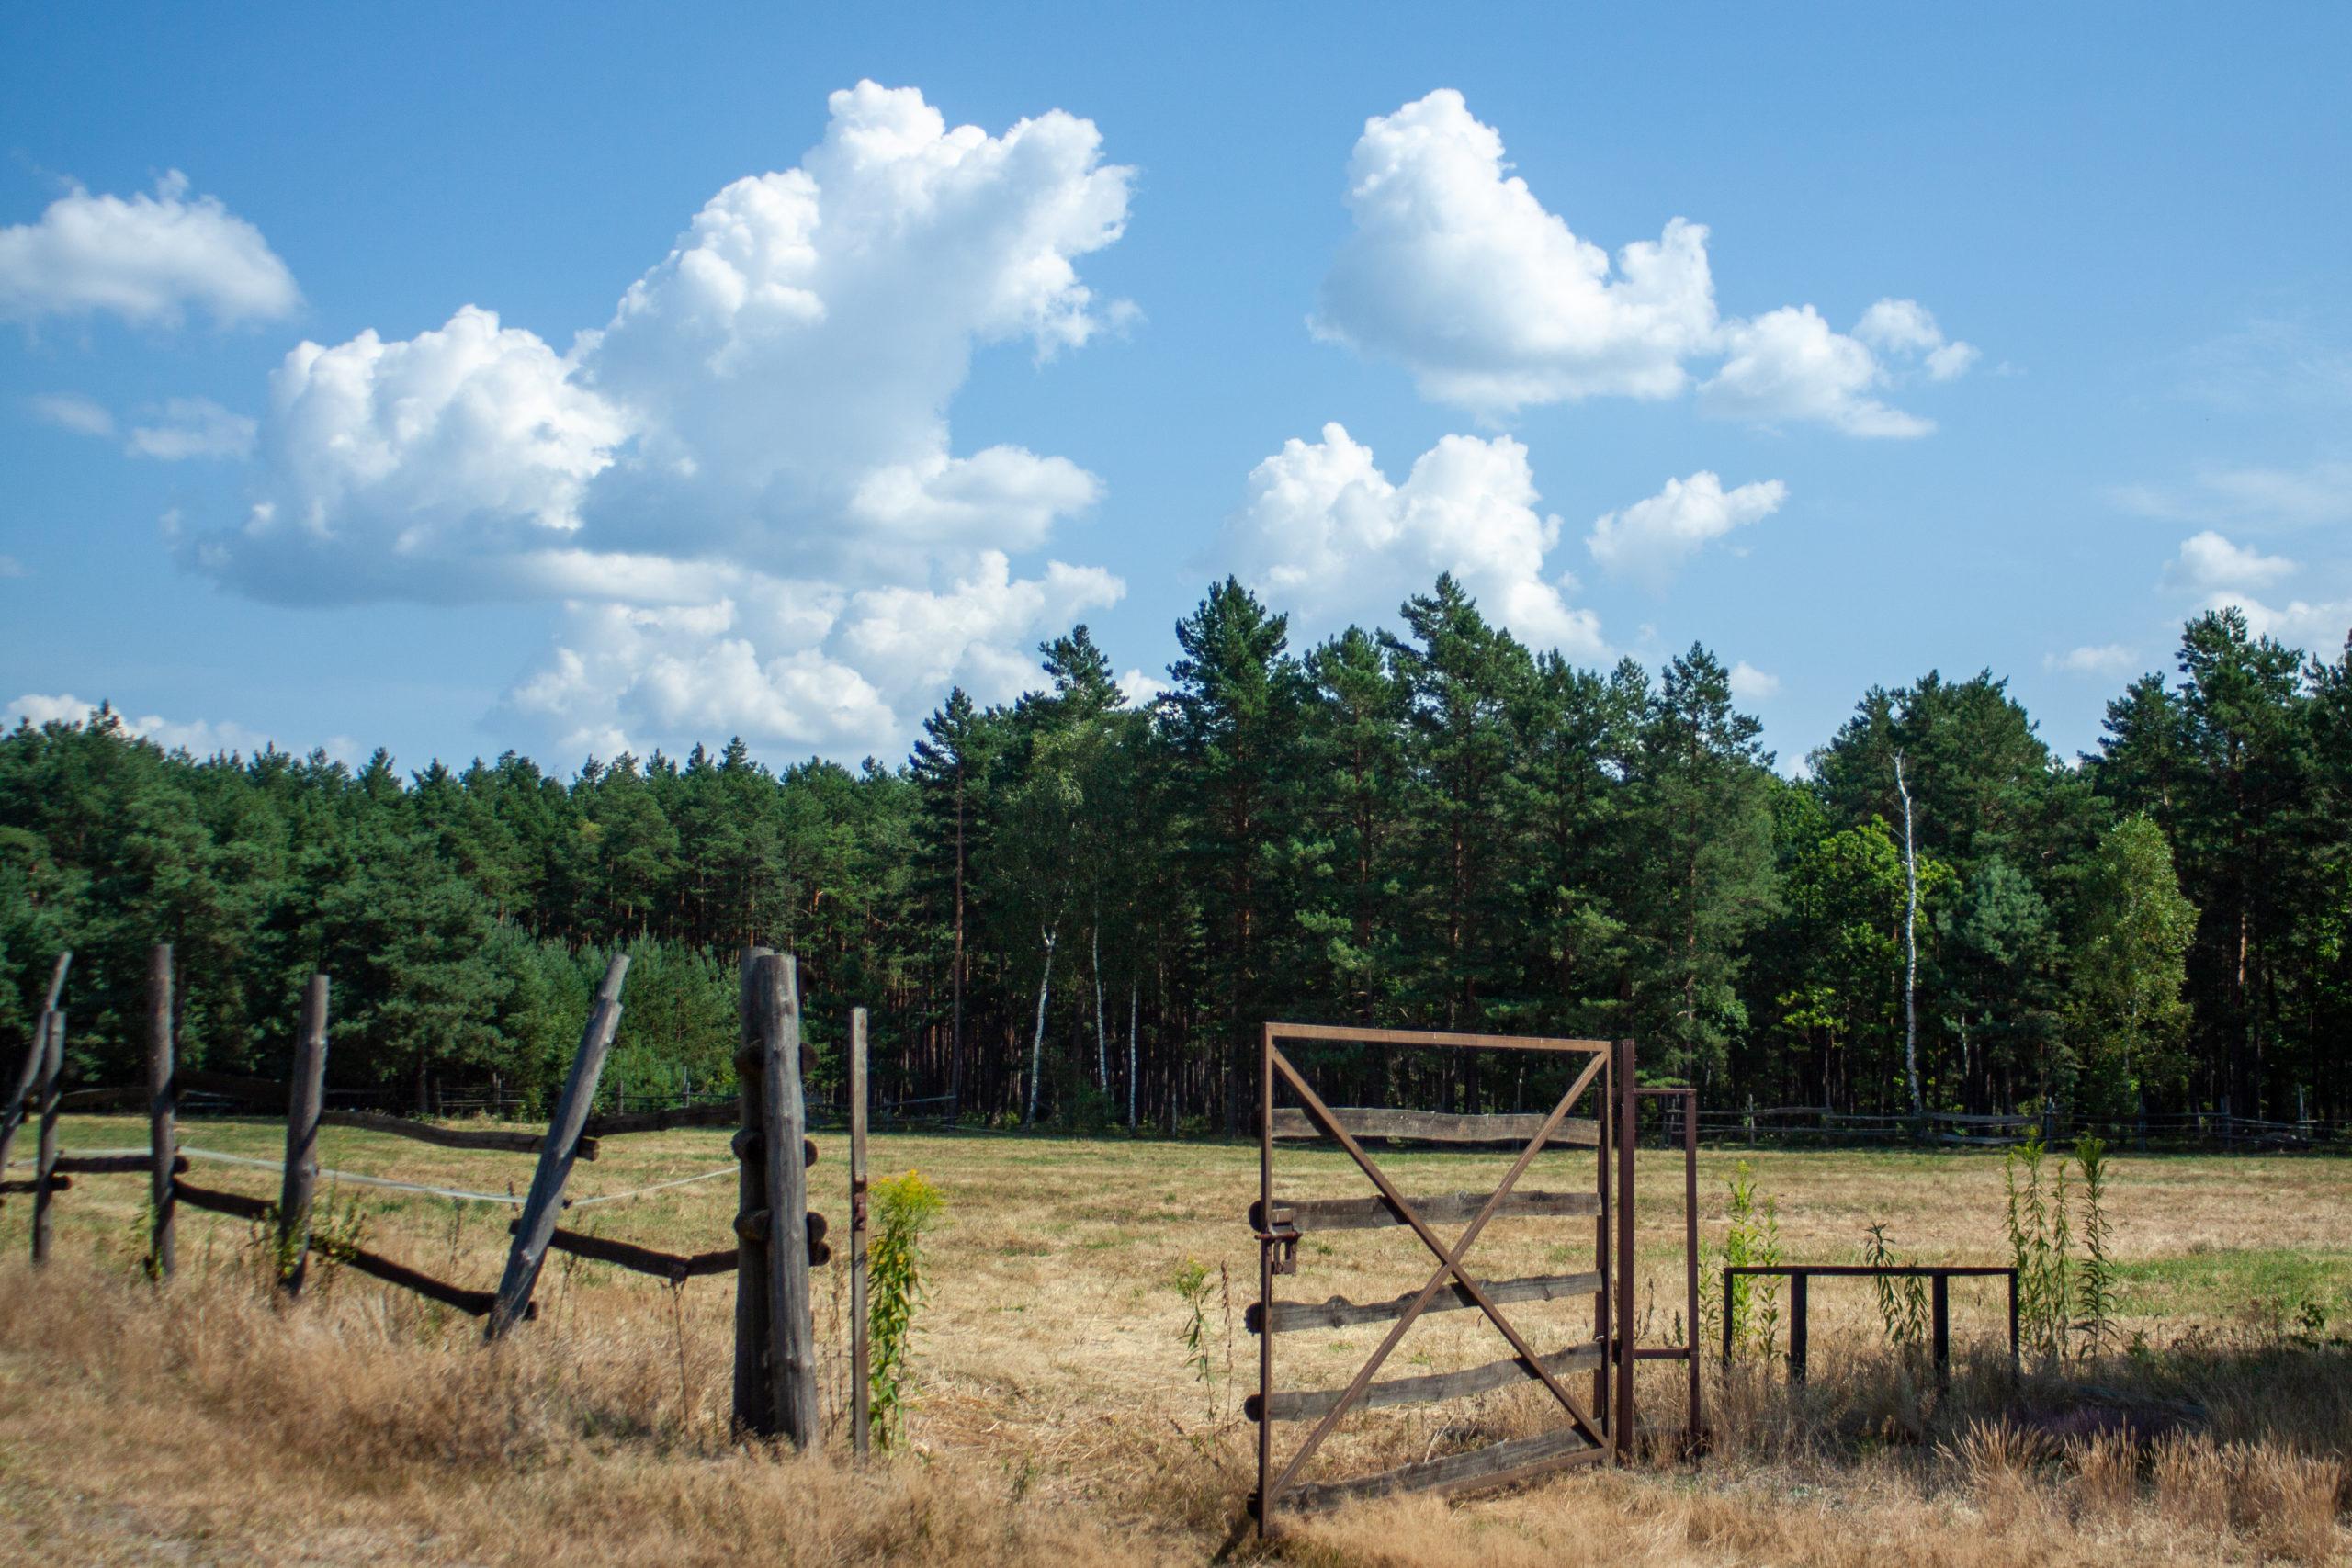 """Zrzutowisko """"Pierzyna"""" w Malcanowie. Ogrodzony teren zrzutowiska. w Tle las i niebo z białym chmurami"""